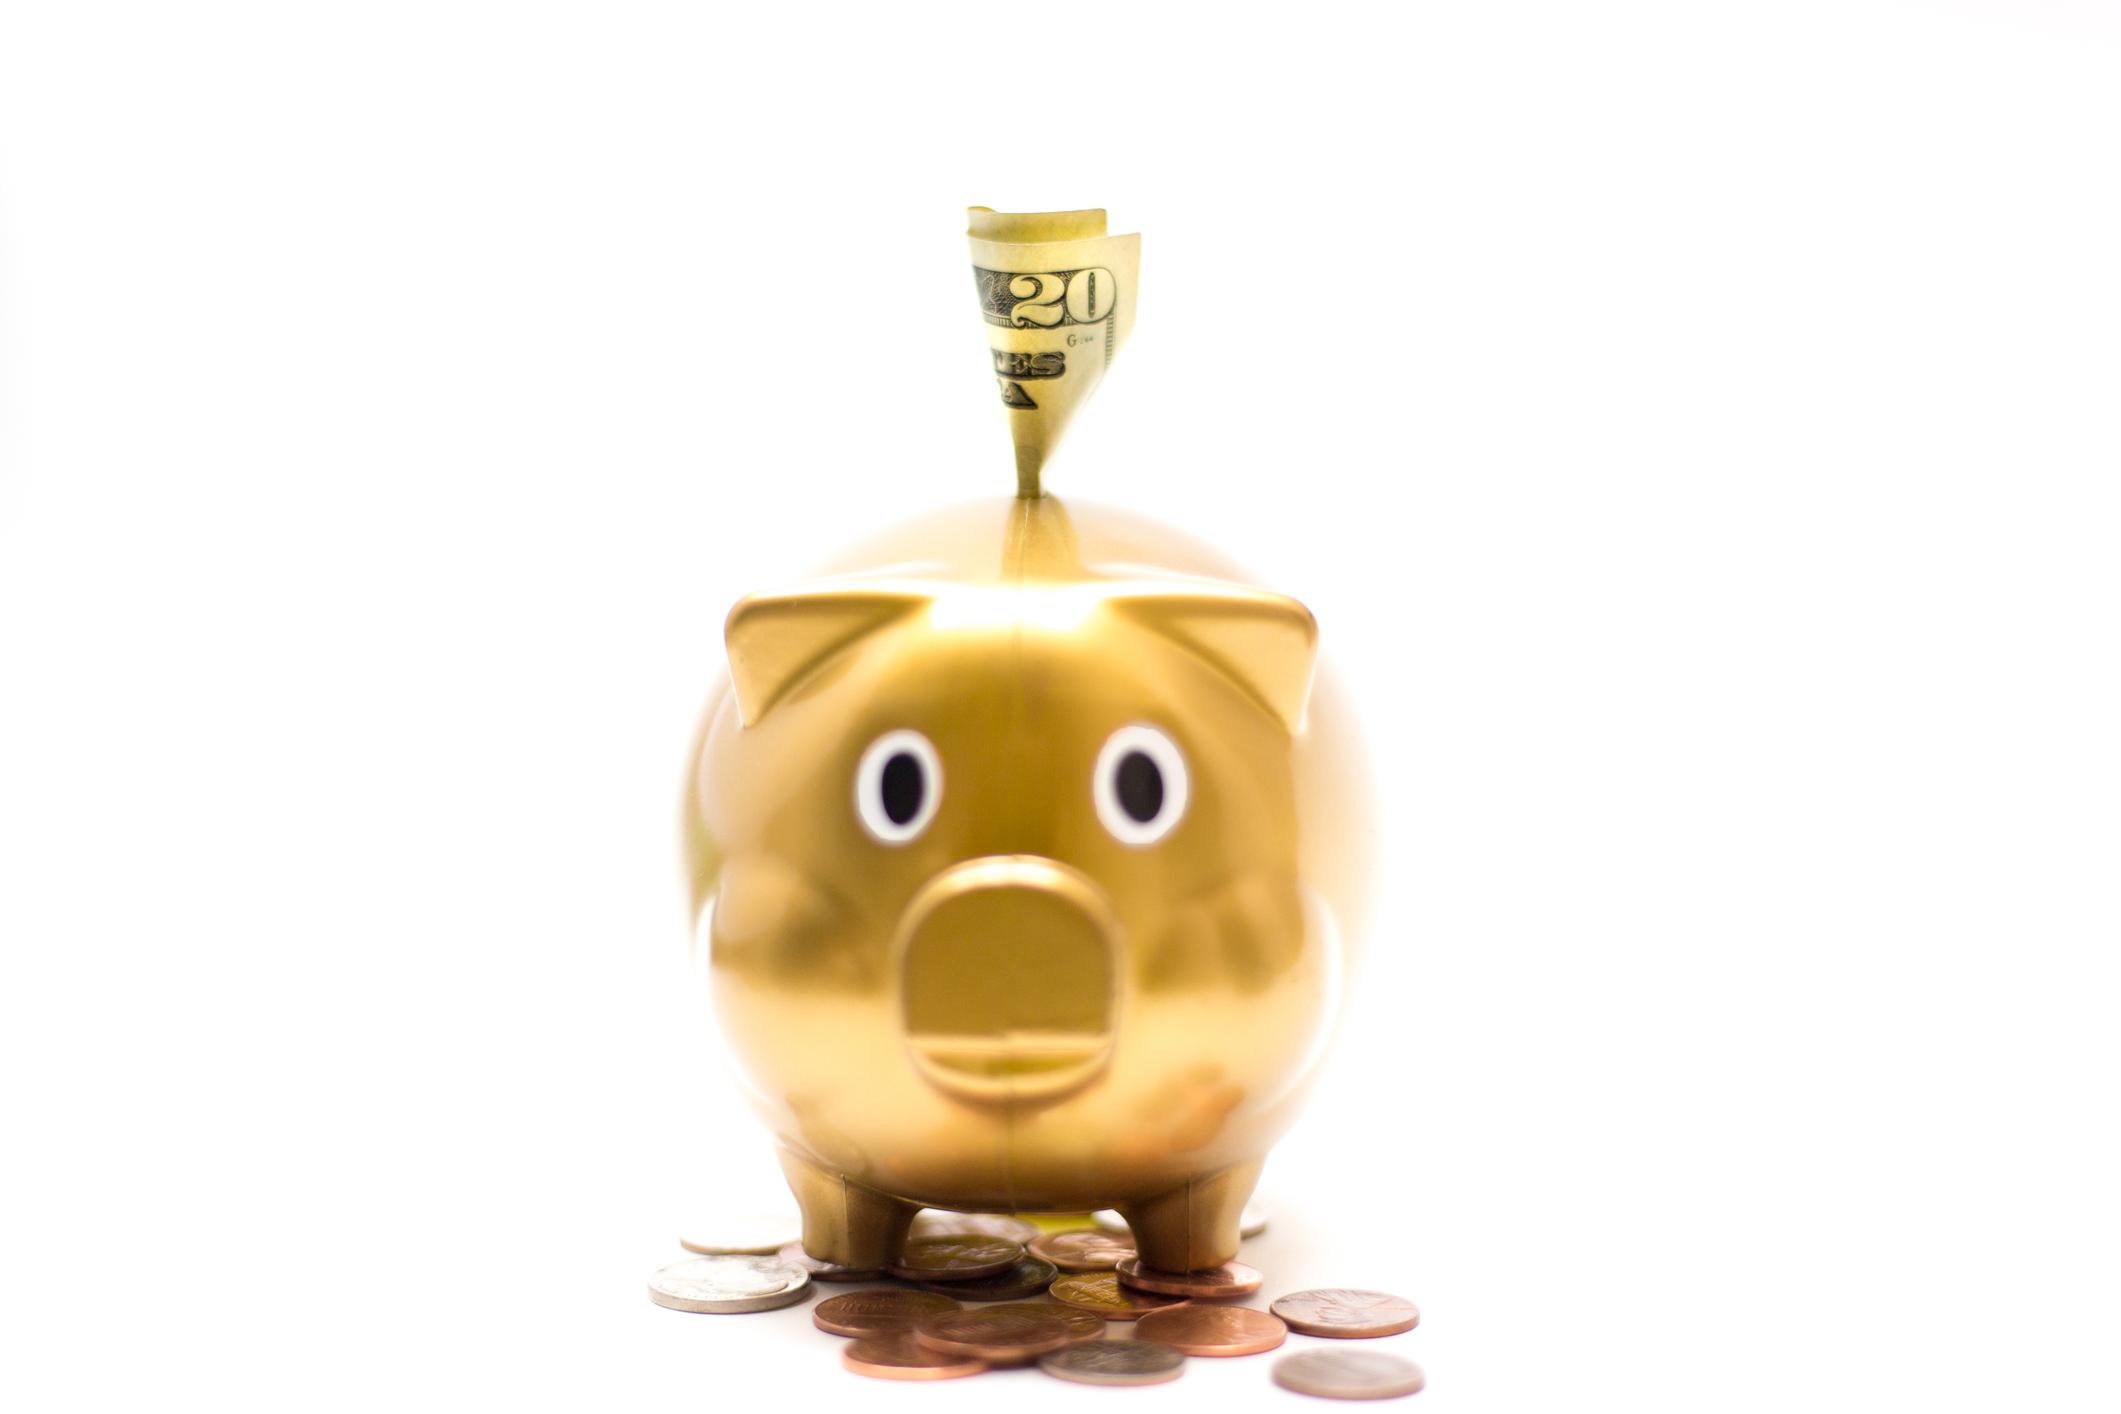 $20 bill in Gold Piggy Bank